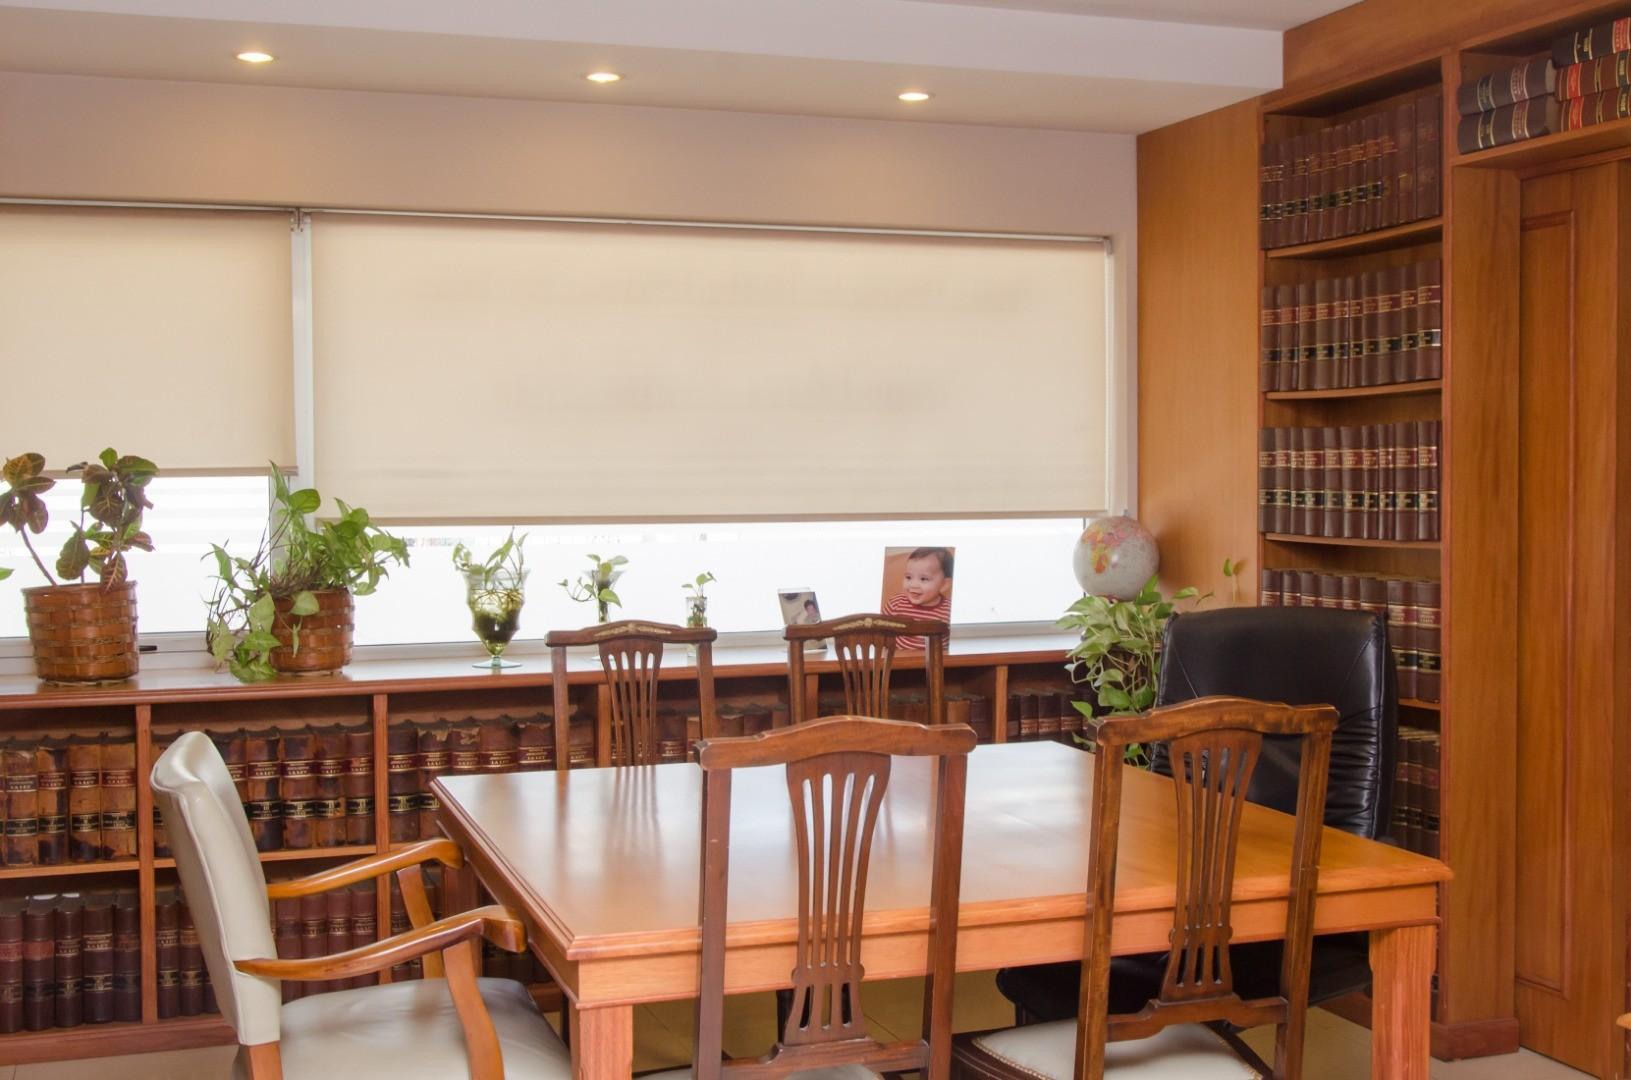 Oficina en Venta en Centro - 6 ambientes